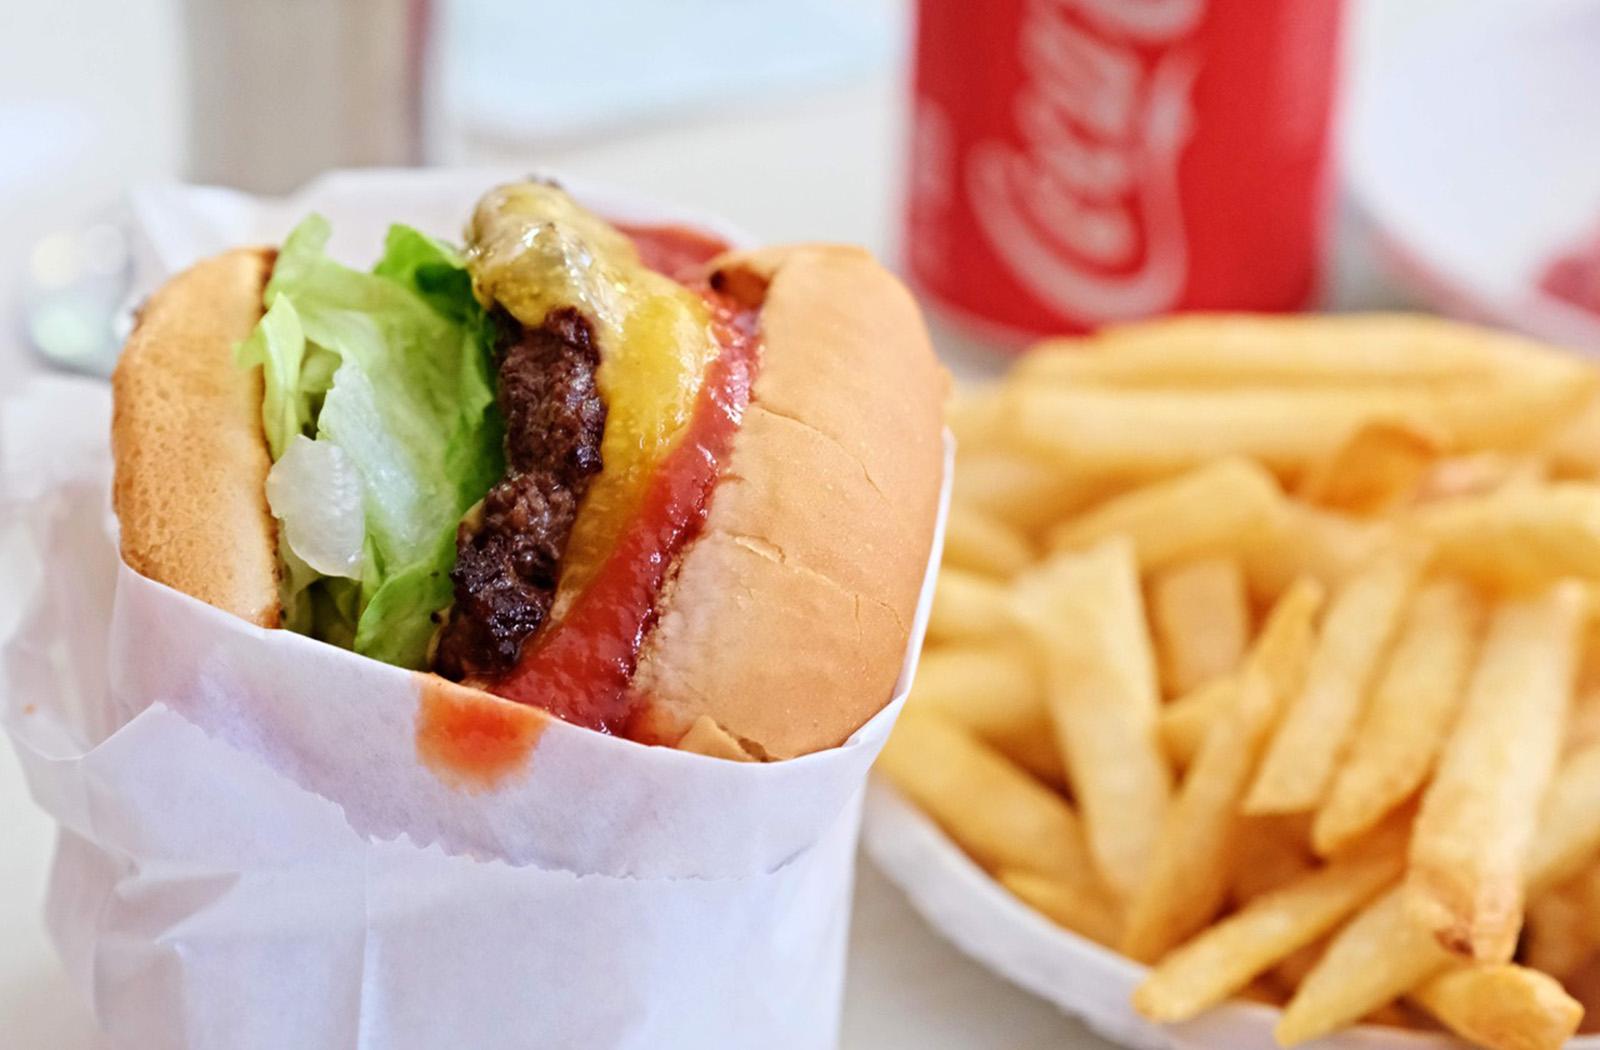 Burger zavání klasikou, ale své dělá vlastní BBQ omáčka, roztavený plátek sýru Tillamook Cheddar, opečená houska, majonéza, naložená okurka a salát